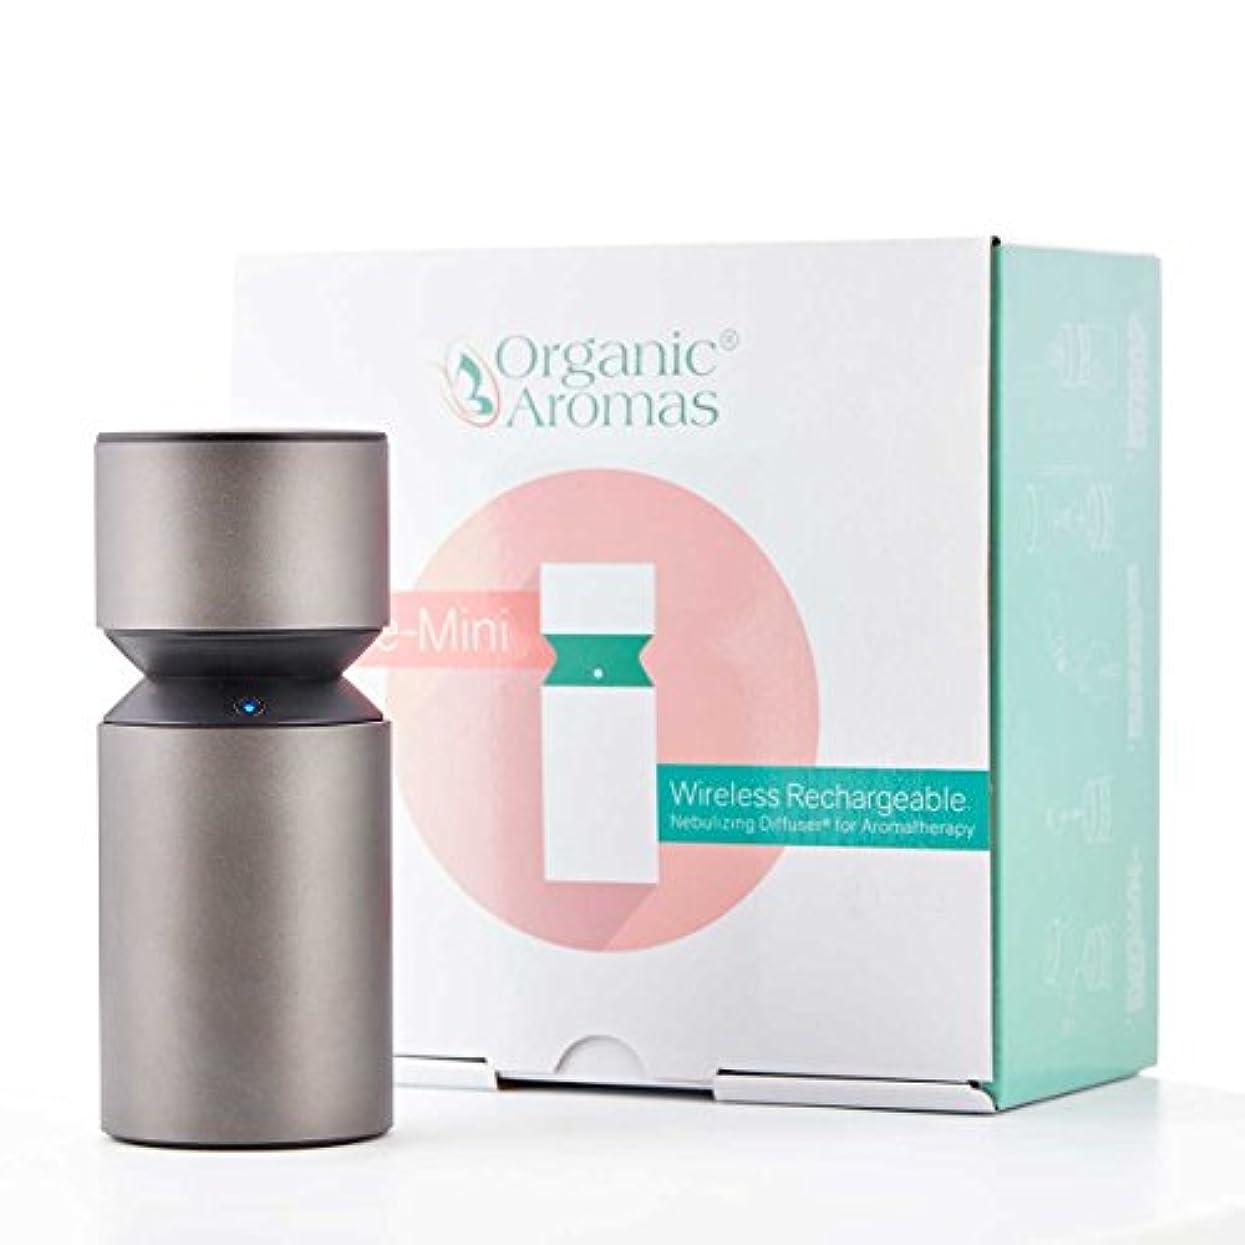 記事ディスコ知り合いになるOrganic Aromas アロマテラピー用モバイルミニ 2.0ワイヤレス充電式噴霧ディフューザー 1